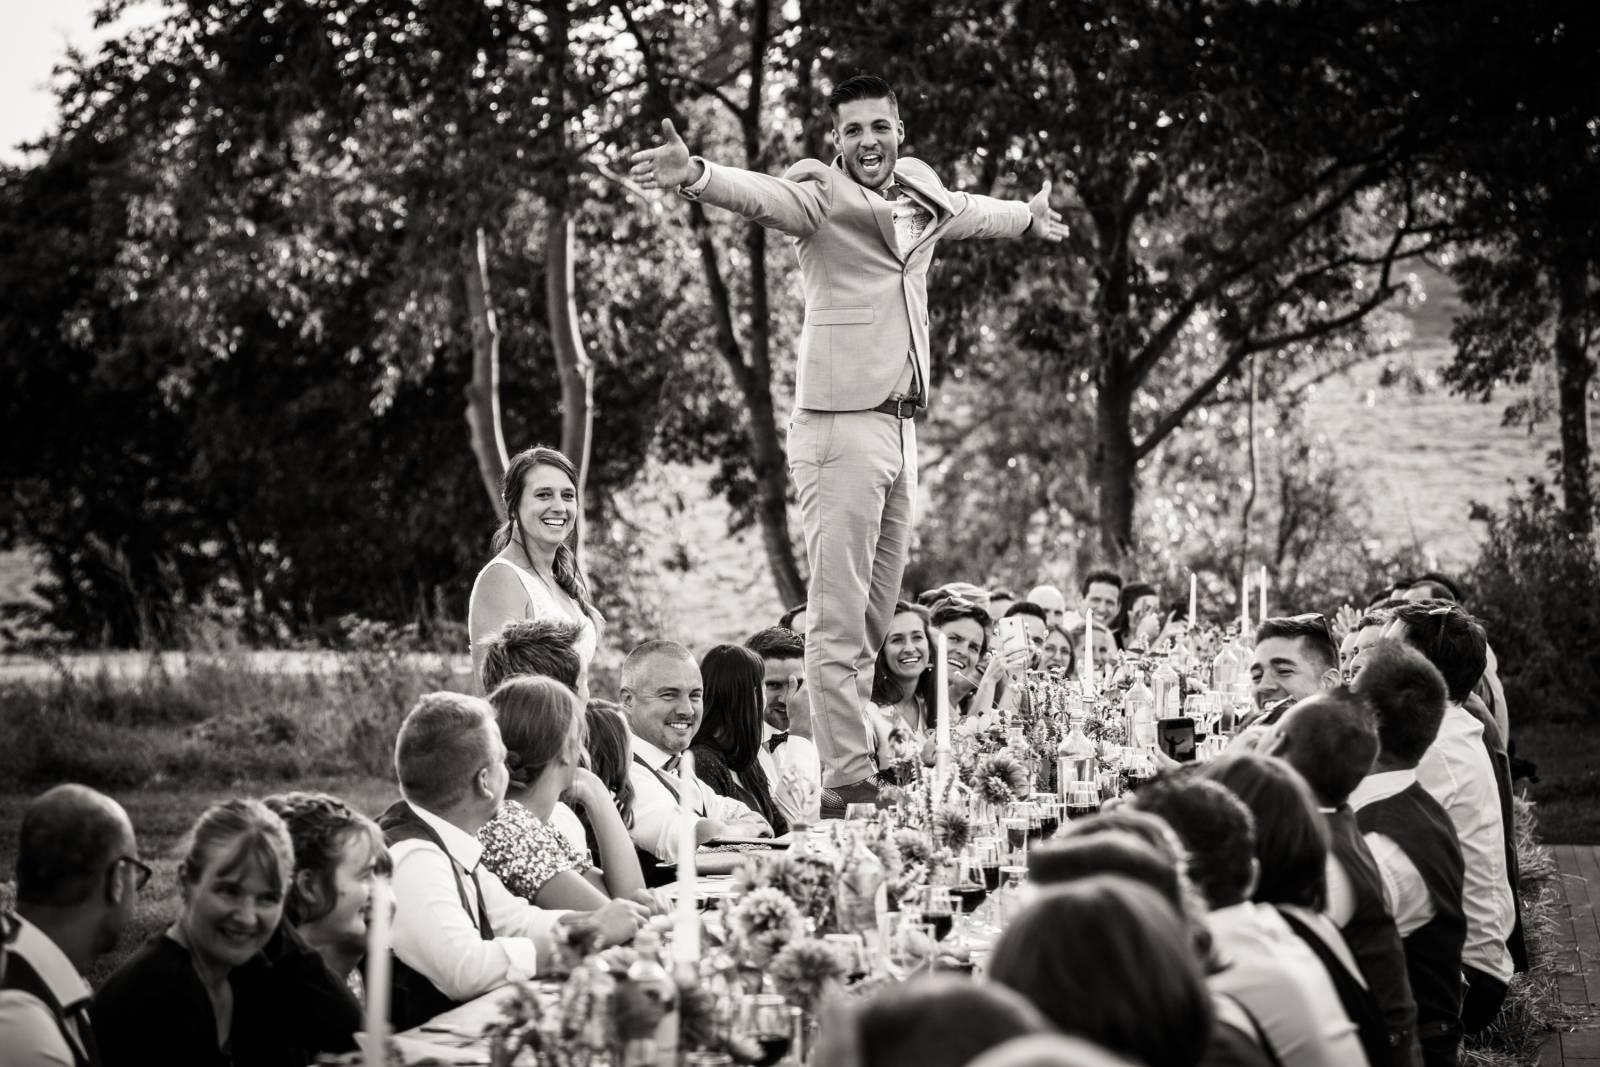 GPix Photography - House of Weddings - 31